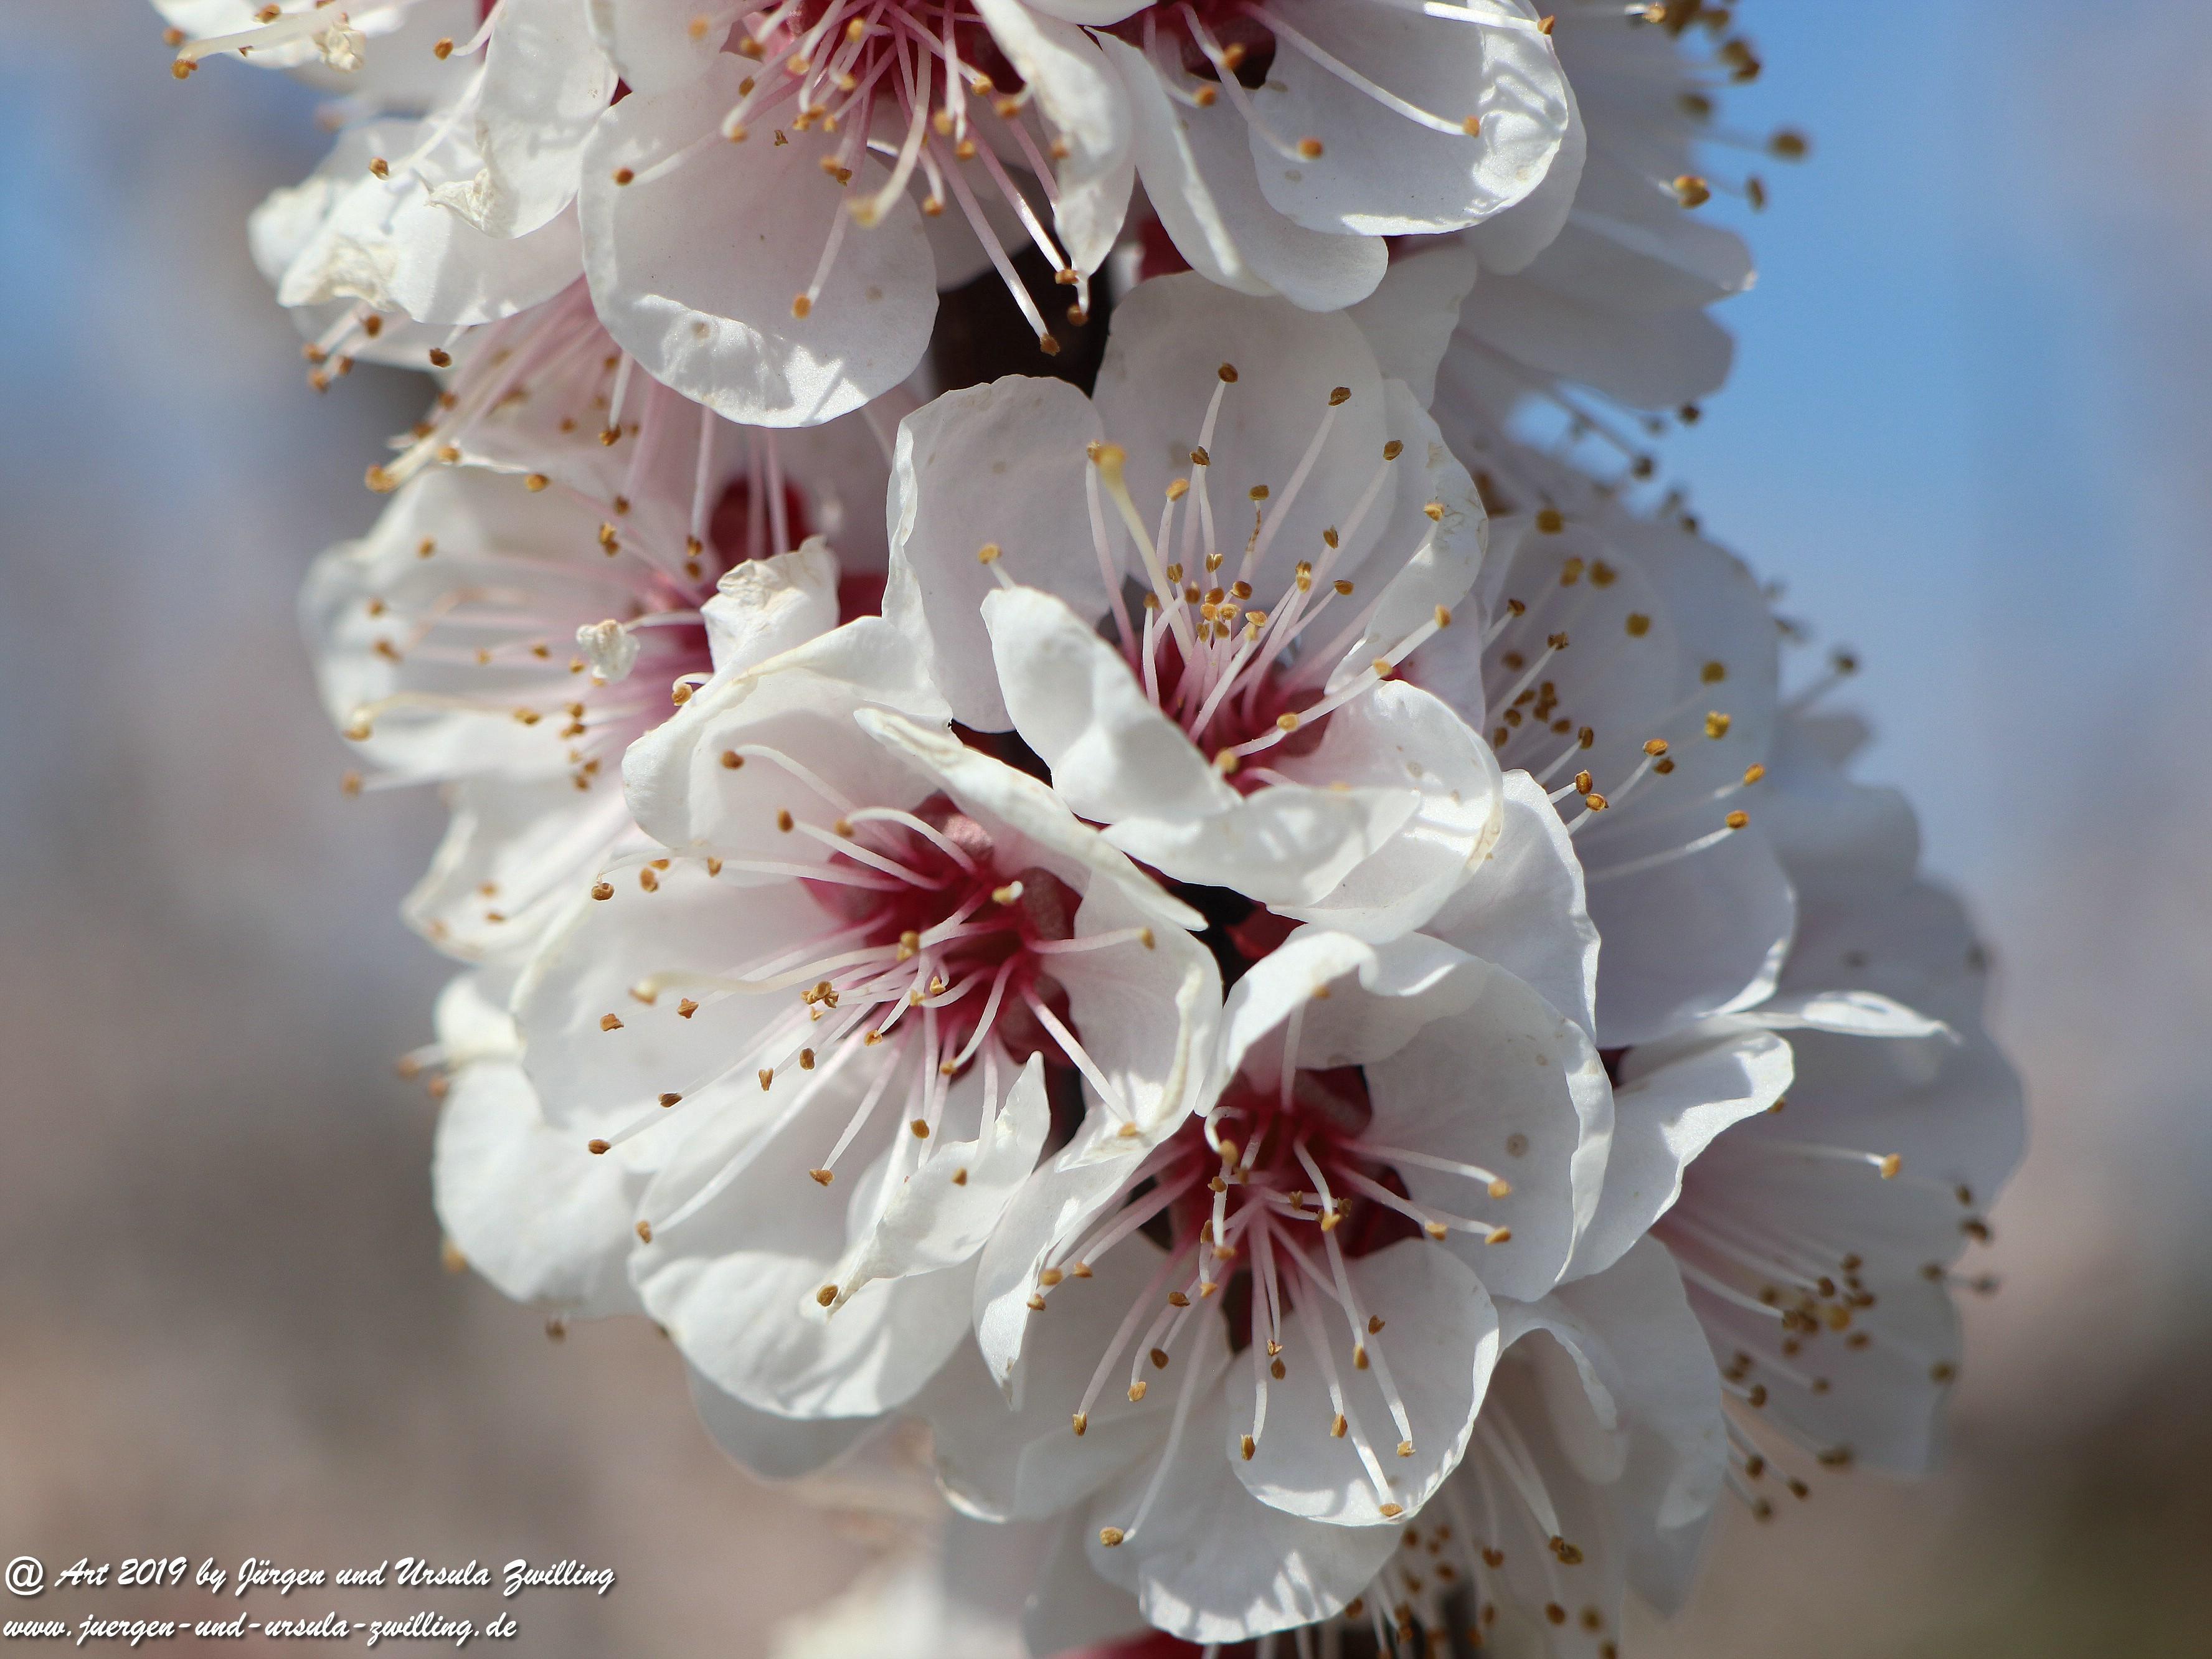 Aprikosenblüten 5